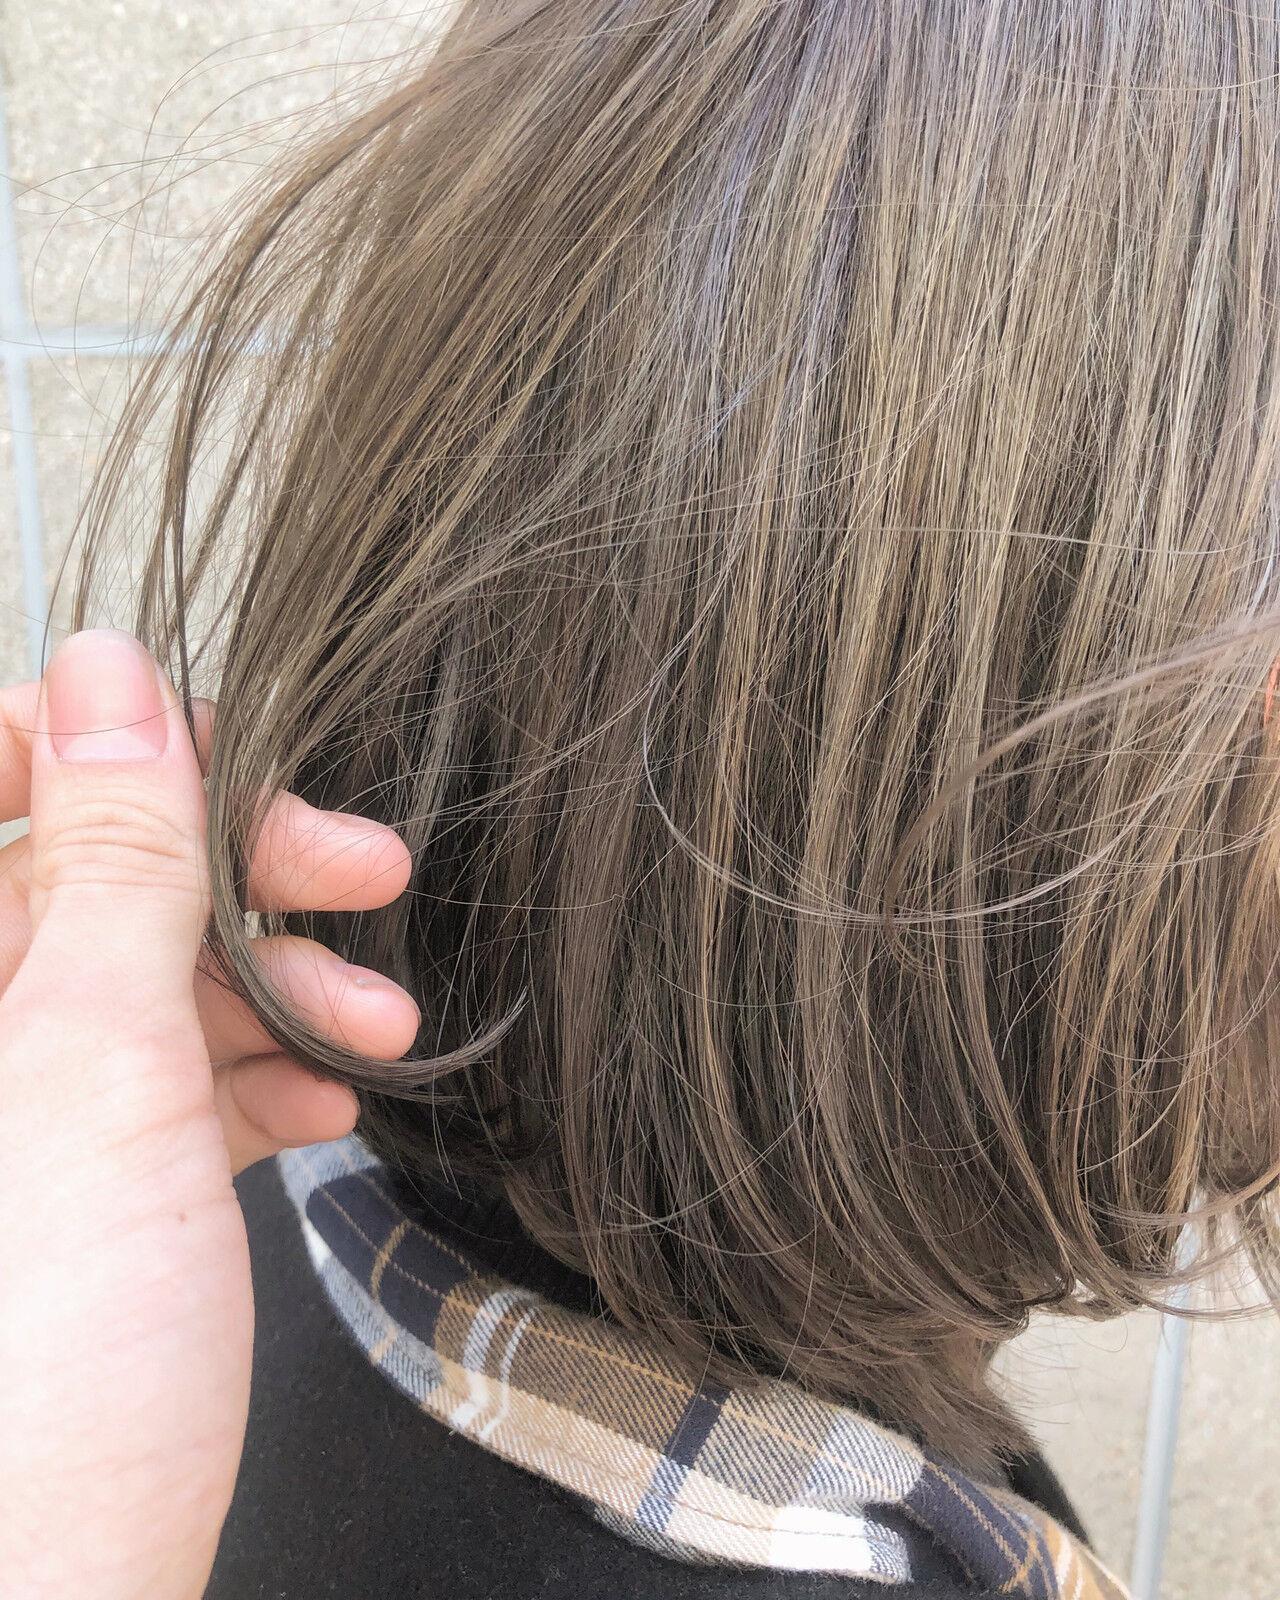 アンニュイほつれヘア 切りっぱなしボブ ボブ ミニボブヘアスタイルや髪型の写真・画像